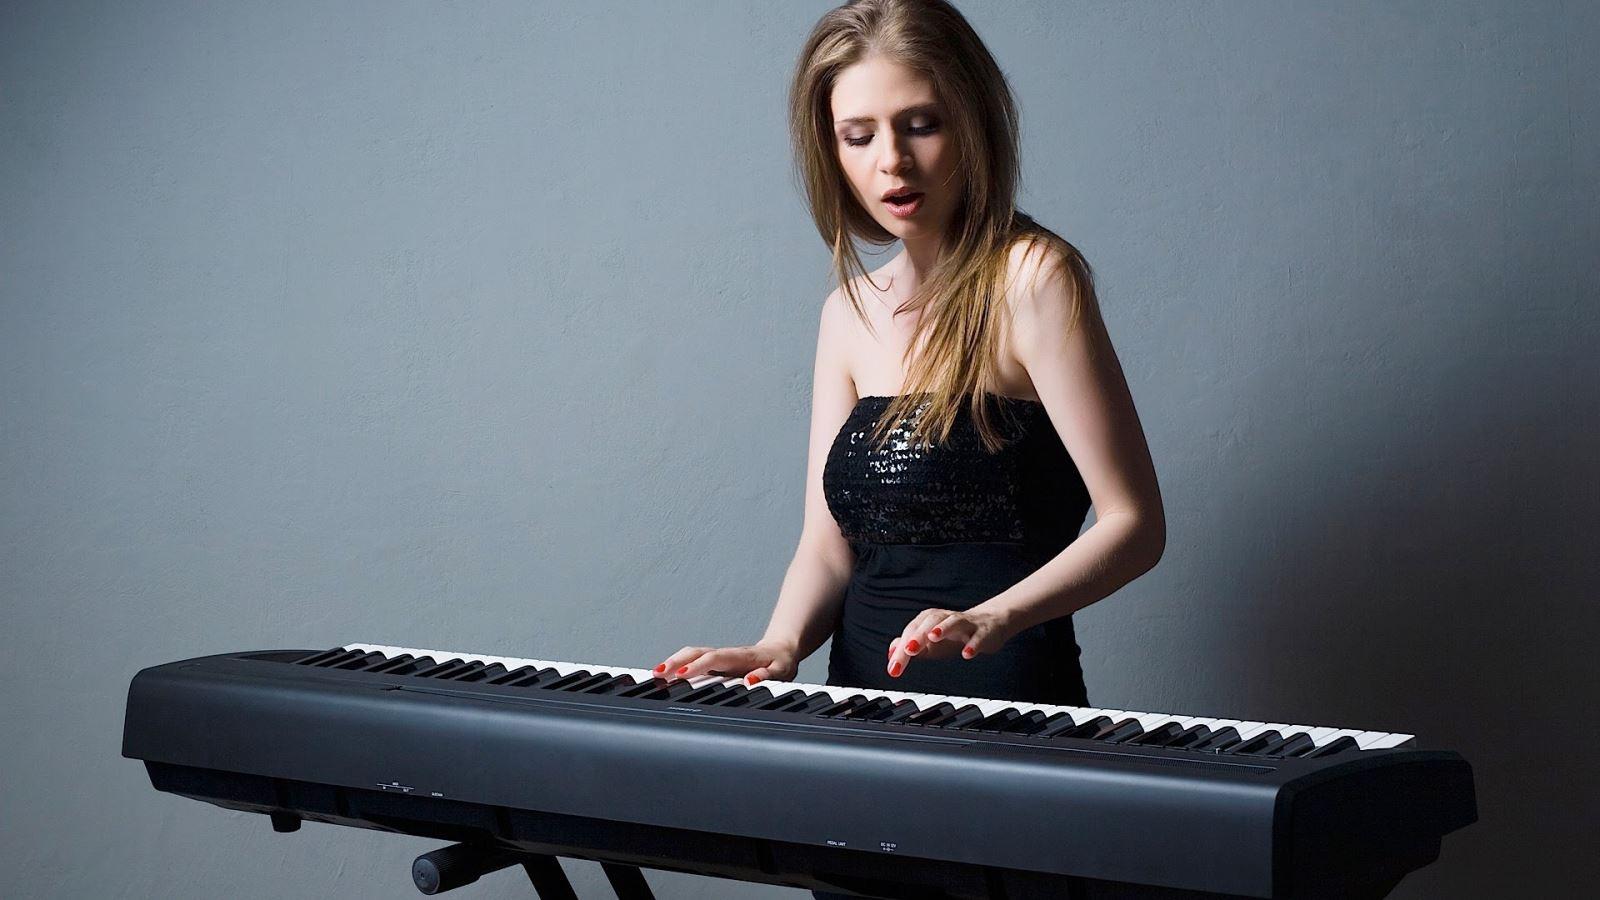 Mẹo chọn mua đàn Organ dễ chơi và tốt